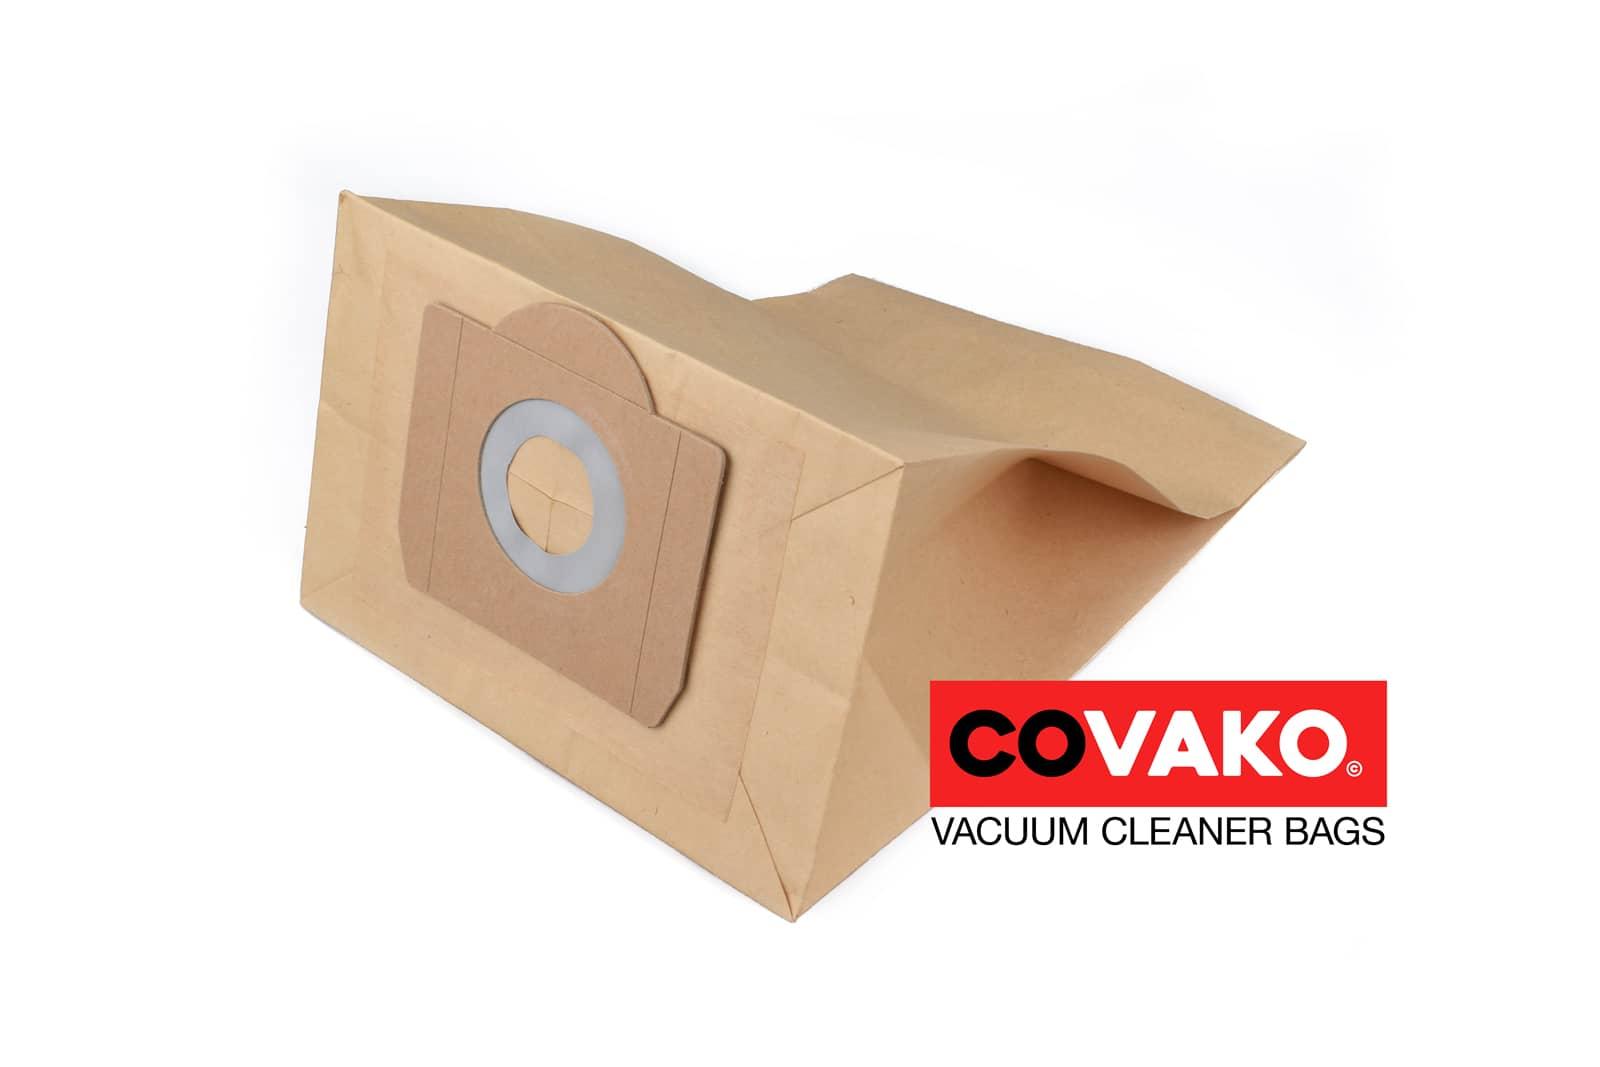 Hako Supervac L 1-15 / Papier - Hako Staubsaugerbeutel